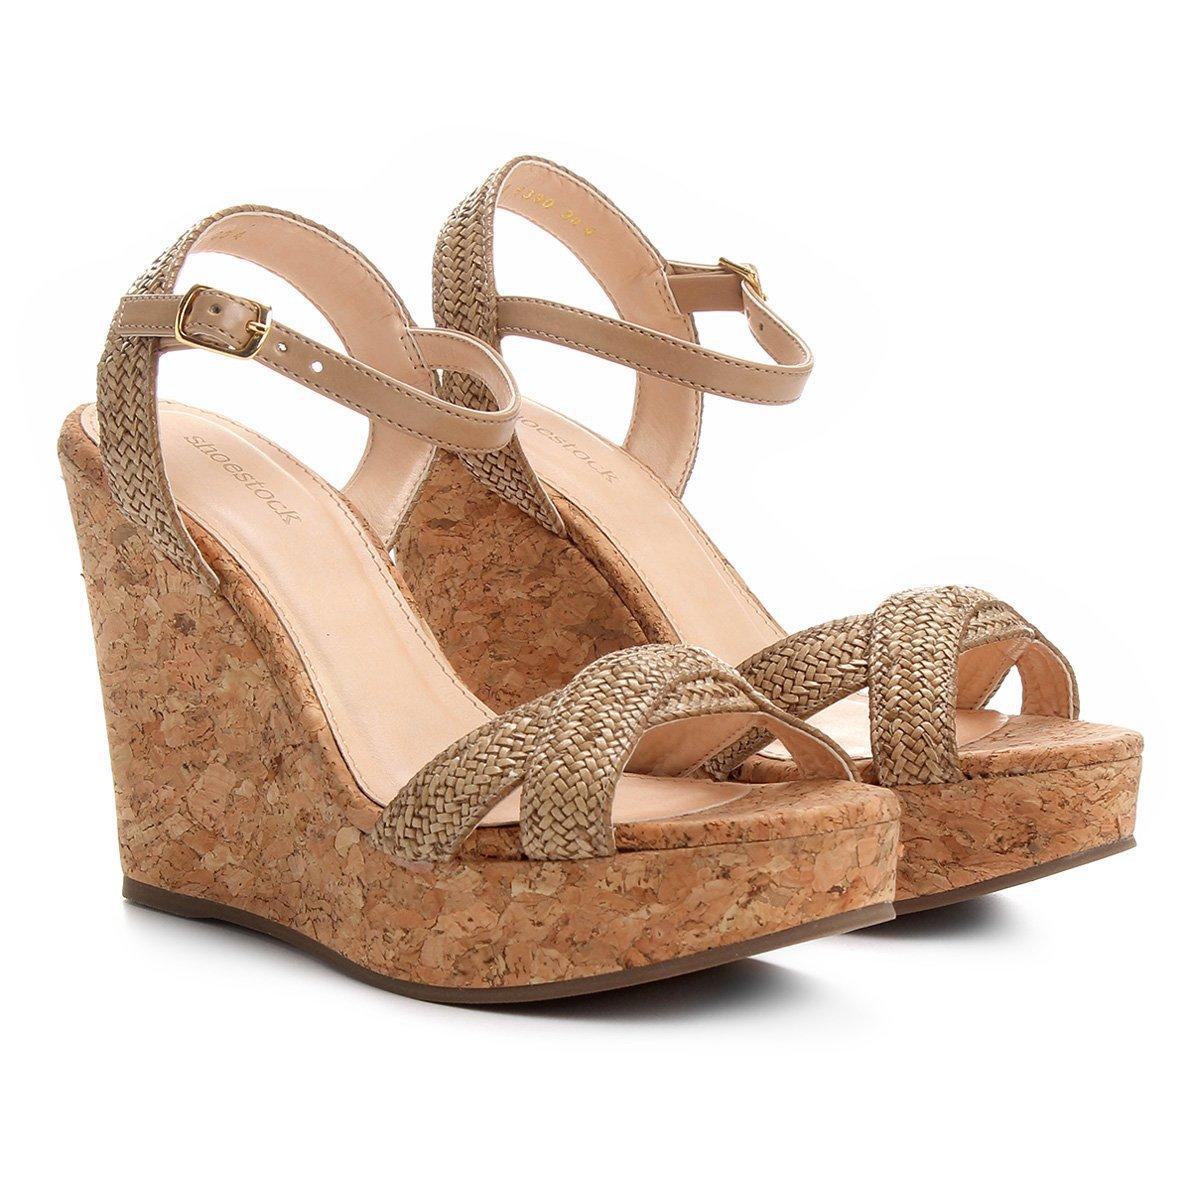 3f7eb90eb Sandália Plataforma Shoestock Tranças Feminina - Compre Agora ...